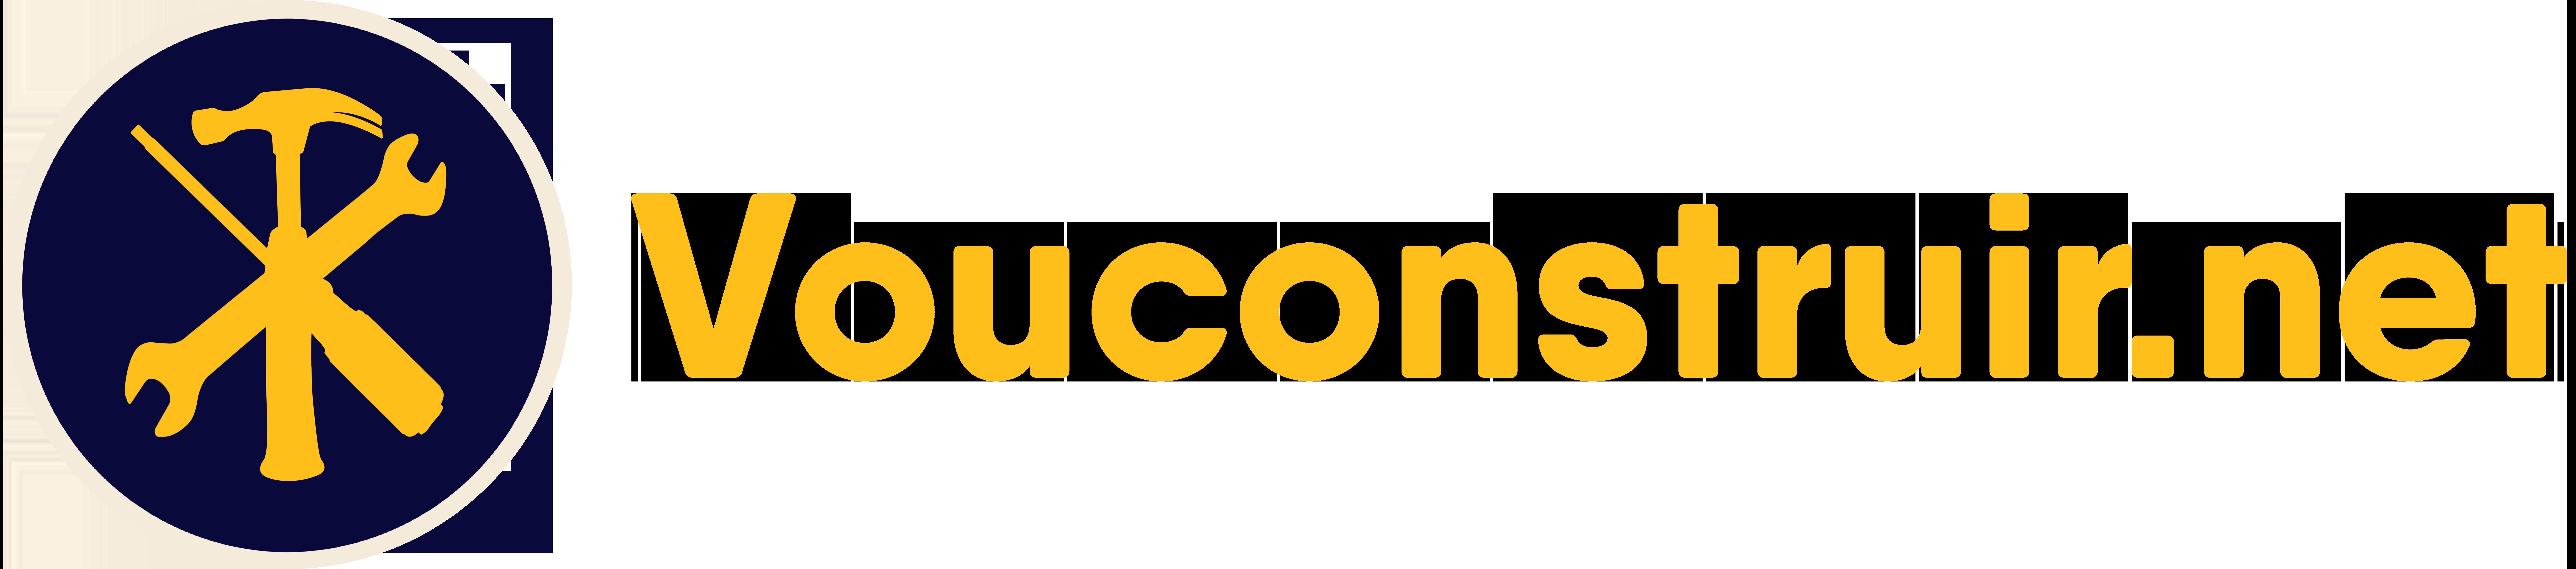 Vouconstruir.net